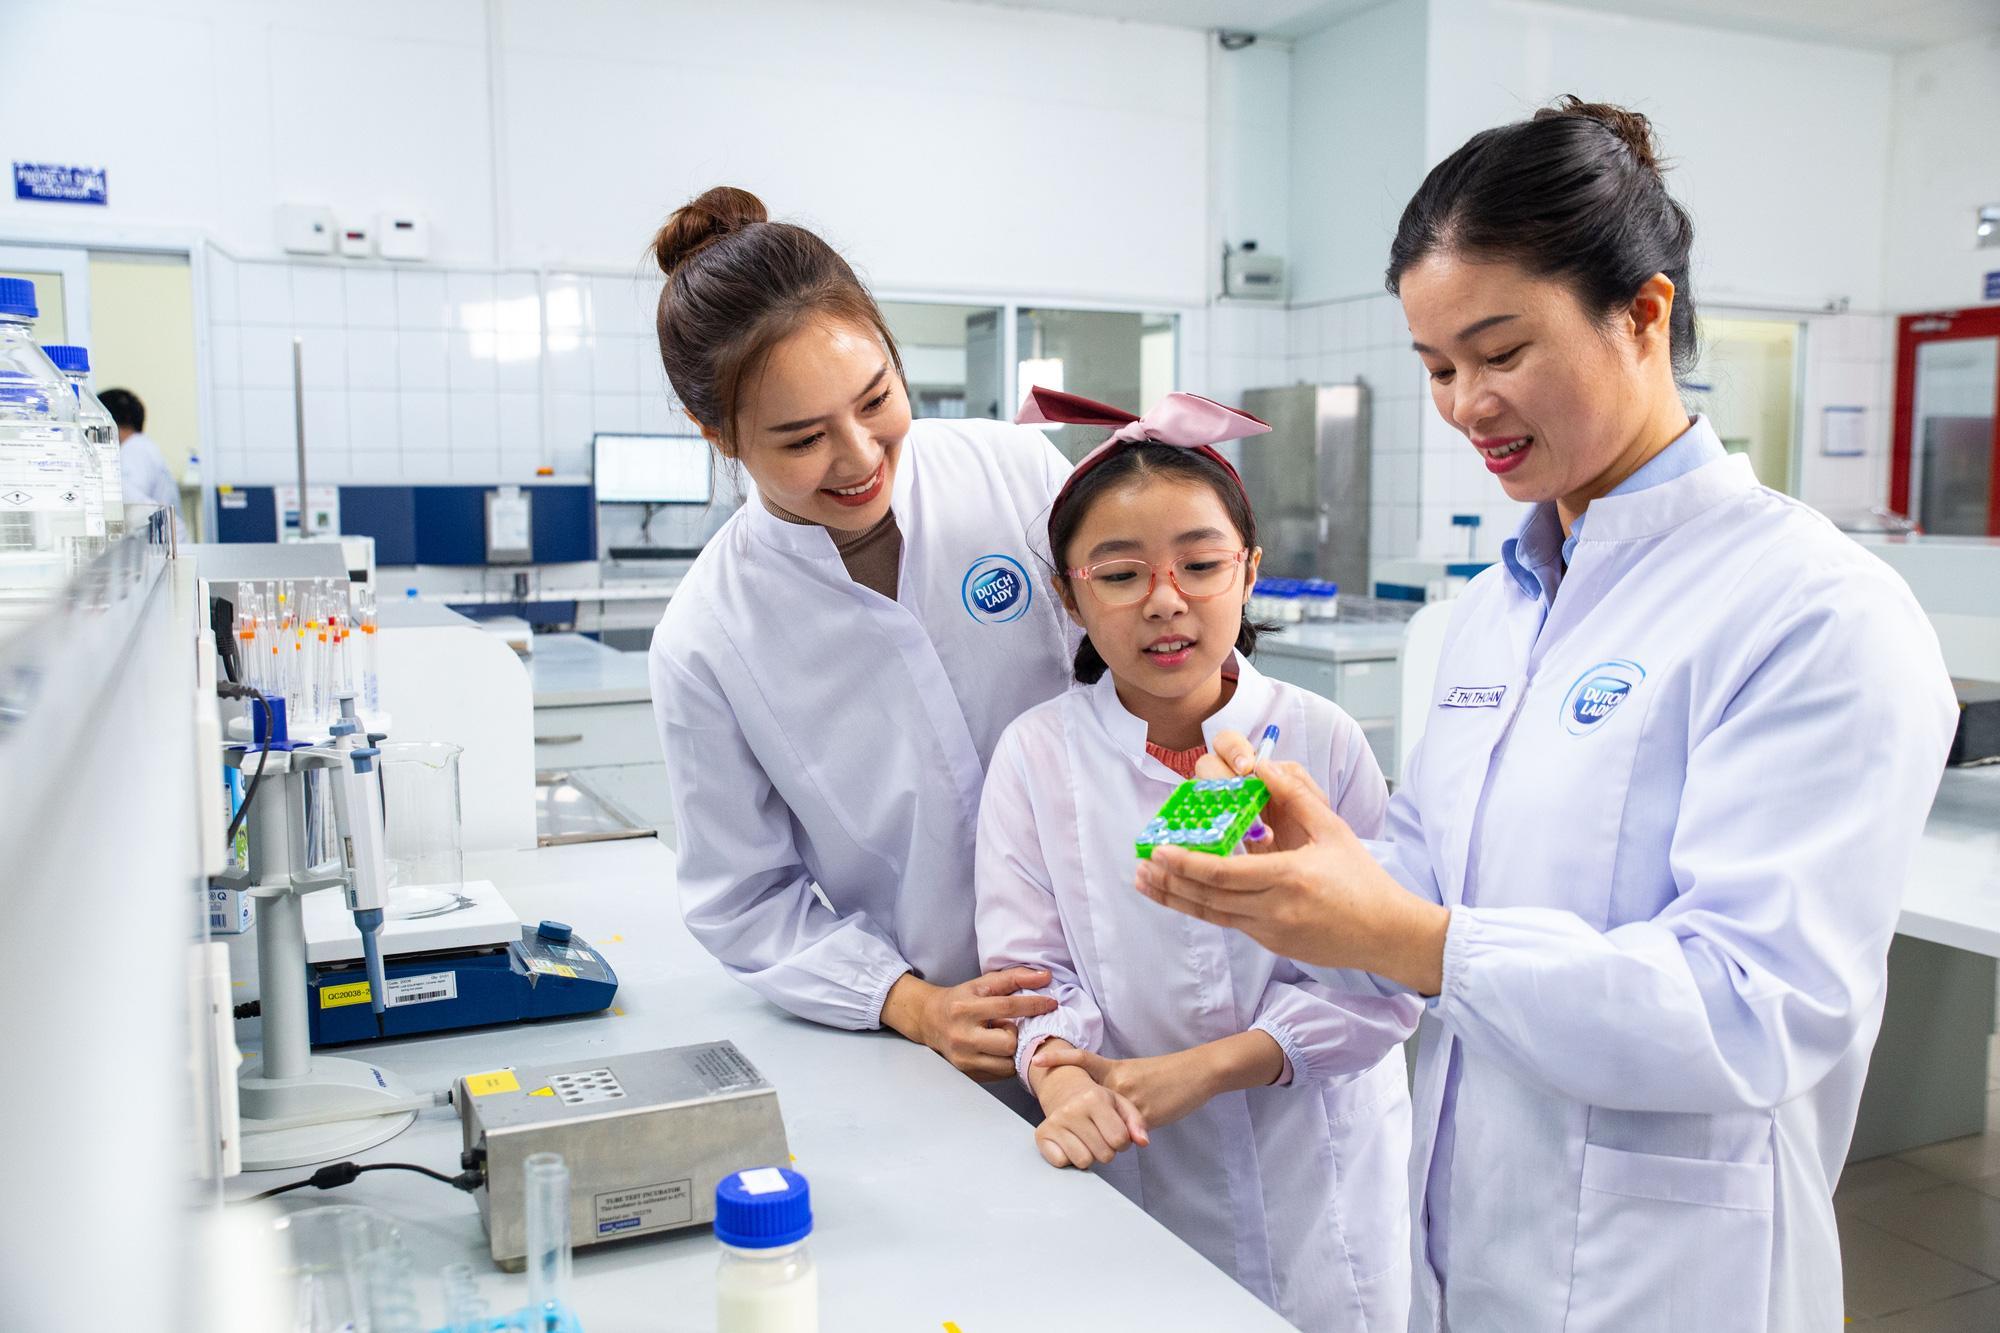 FrieslandCampina Vietnam nhận giải thưởng Trao quyền cho Phụ nữ khu vực châu Á – Thái Bình Dương - Ảnh 4.